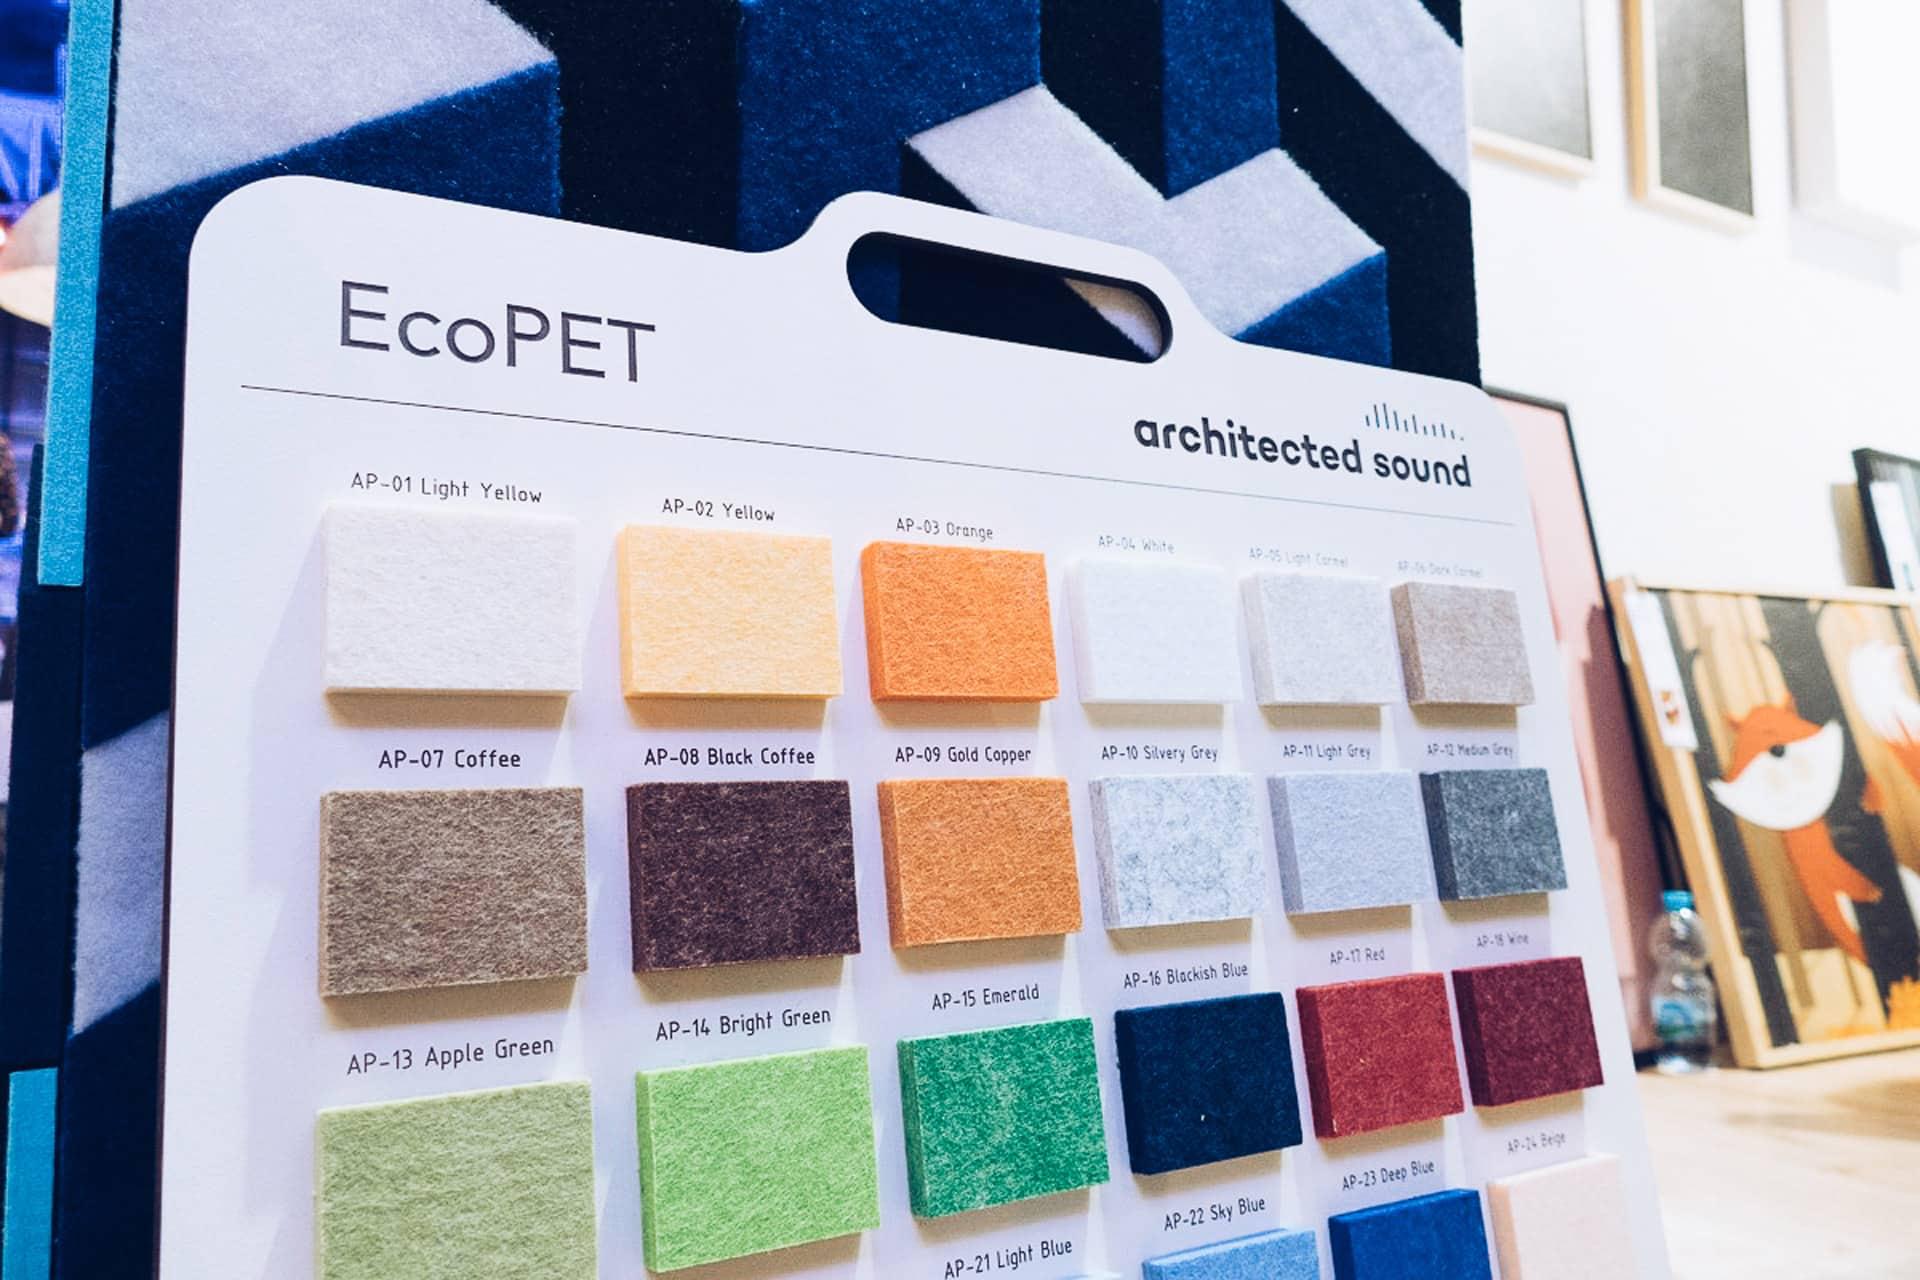 Wzornik kolorów panelu dźwiękochłonnego EcoPET, który prezentowaliśmy na targach 4 Design Days.